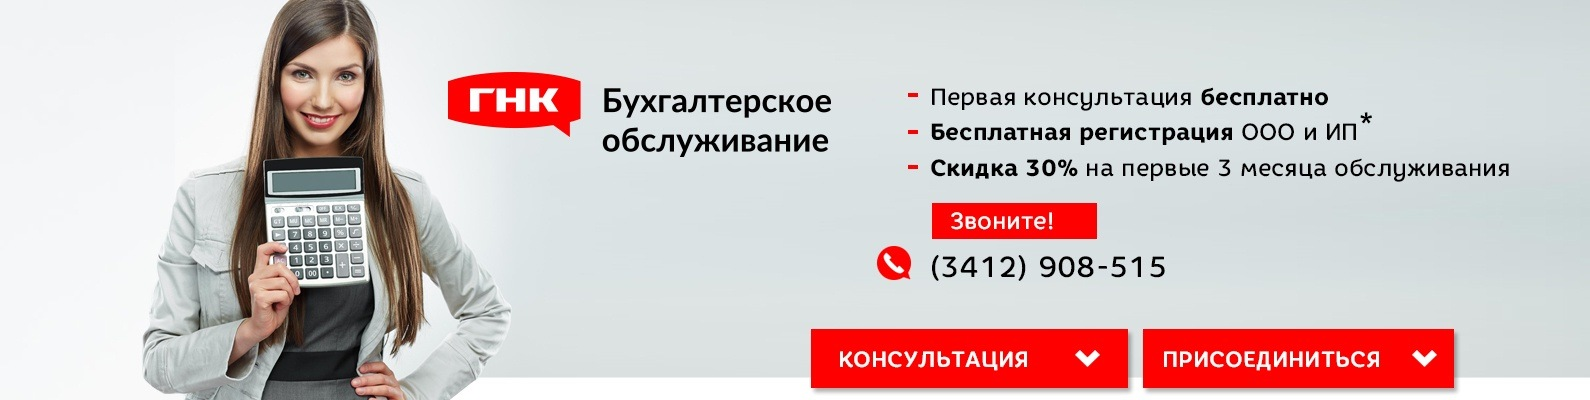 Ижевск бухгалтерские услуги цена бухгалтерское и налоговое сопровождение в москве